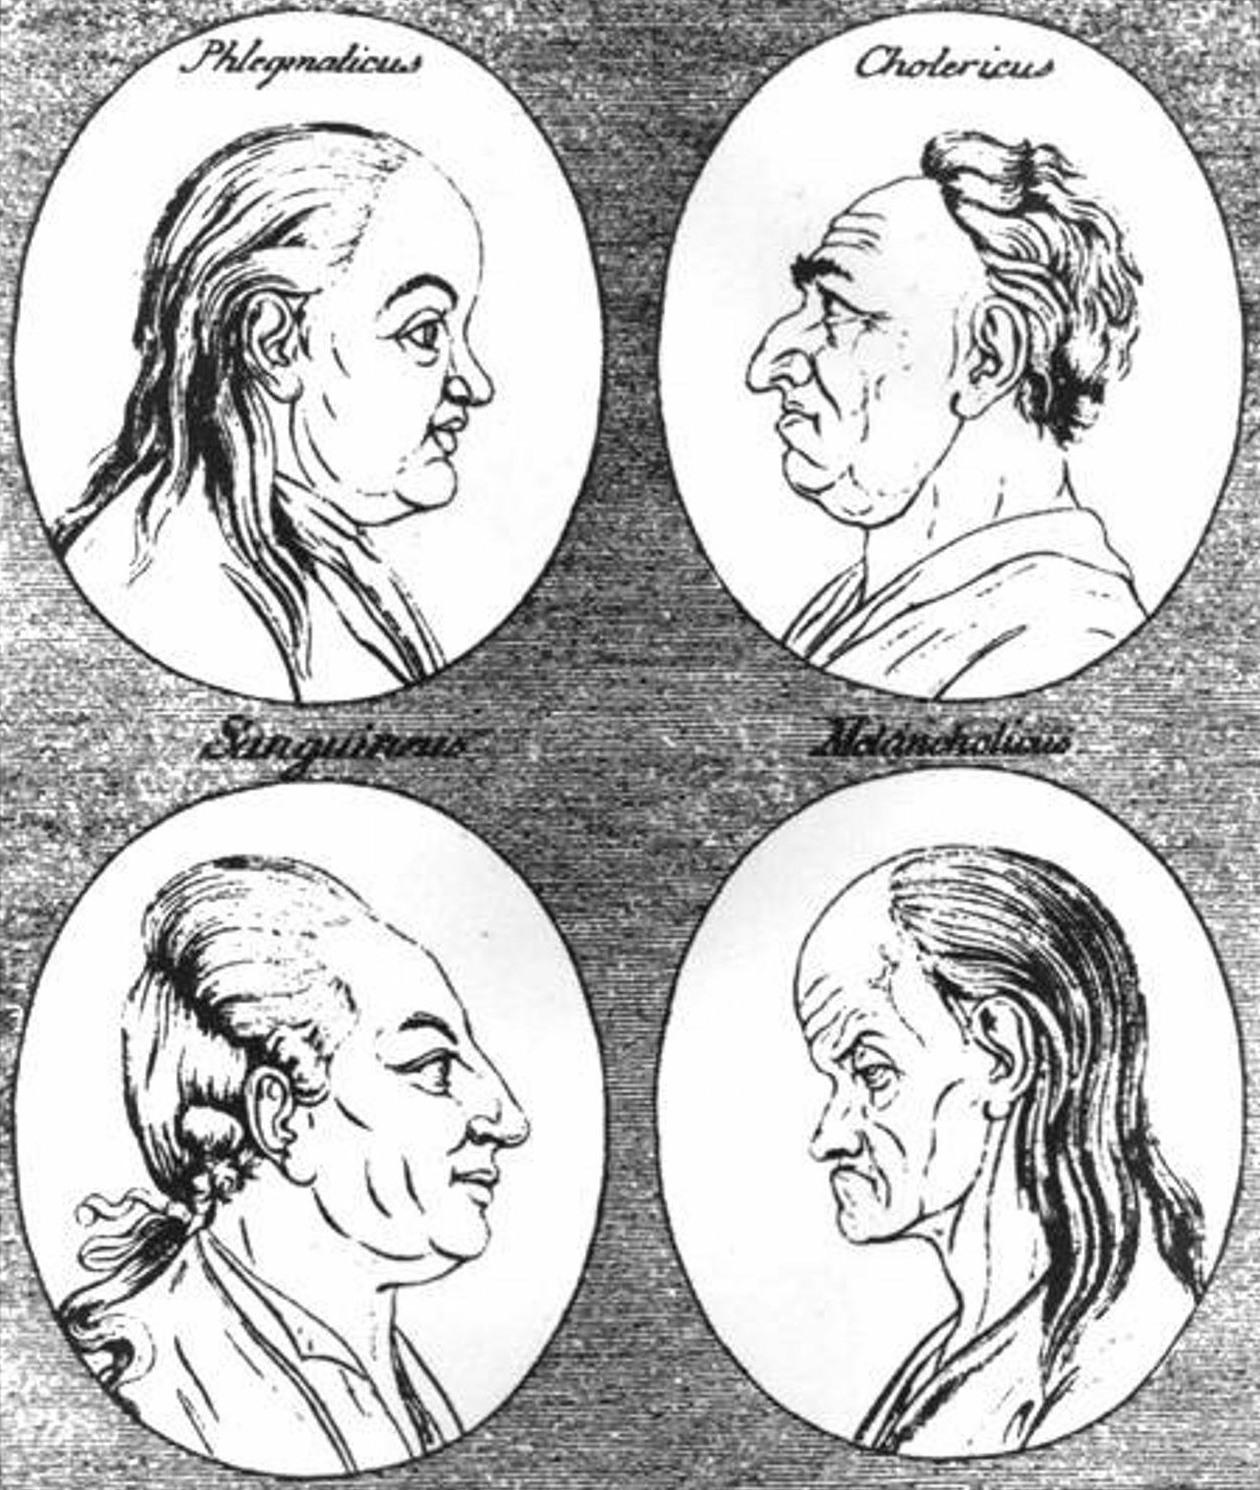 Johann Kaspar Lavater, Physiognomische Fragmente zur Beförderung der Menschenkenntnis und Menschenliebe (1775-1778): Flegmatique, cholérique, sanguin et mélancolique